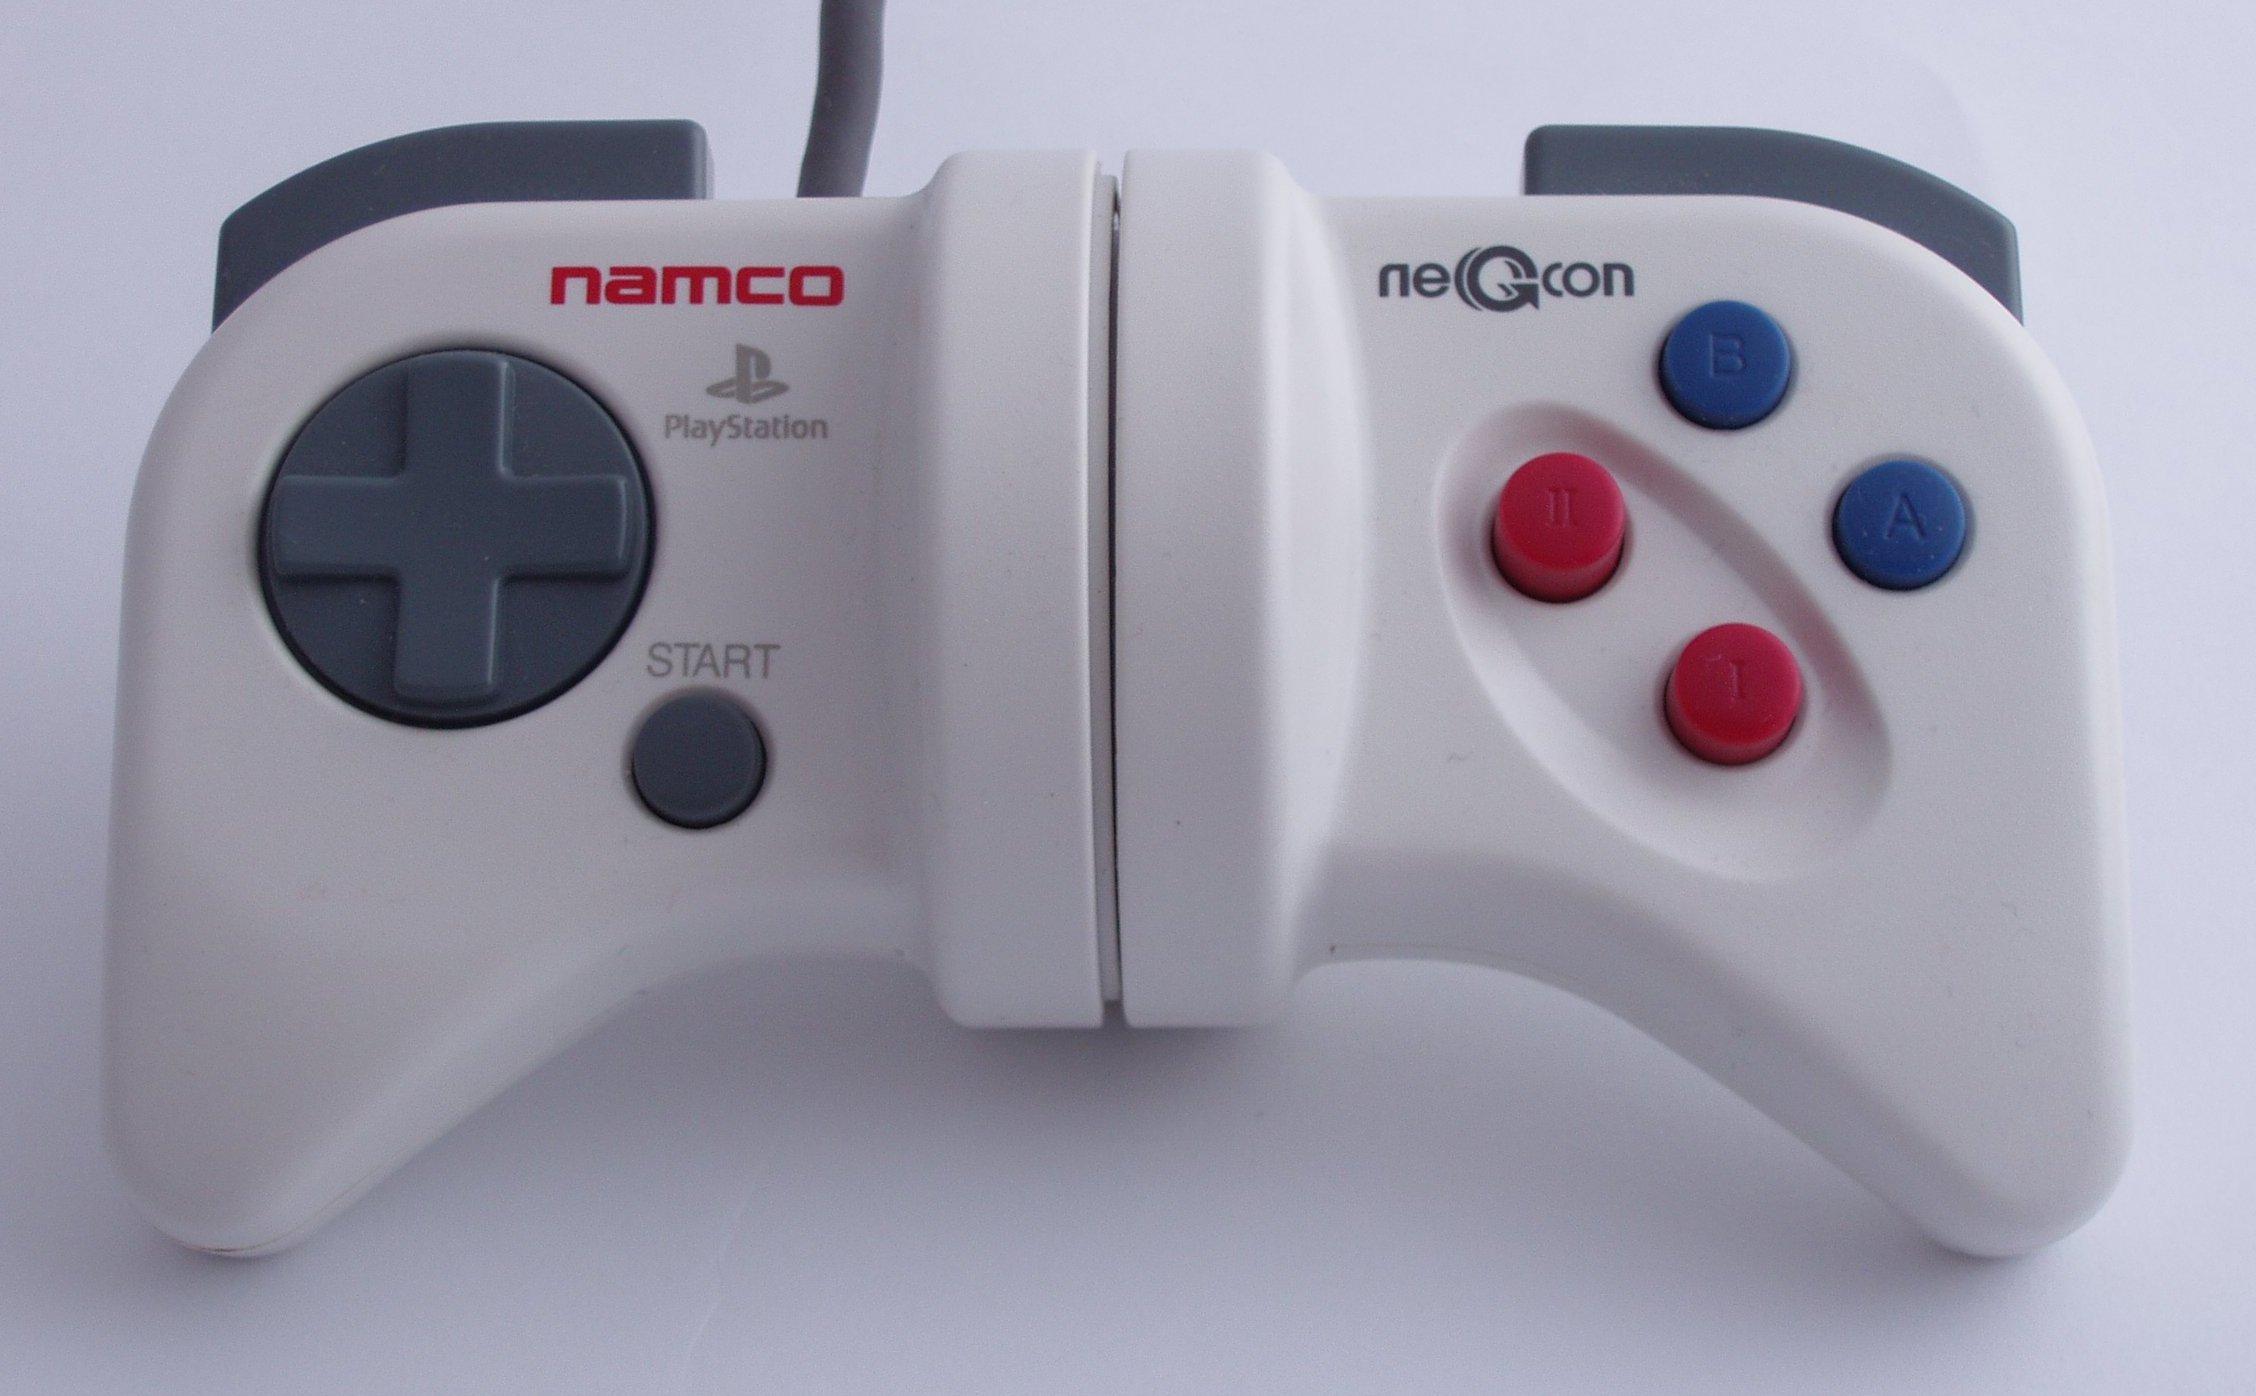 [Image: Namco_Negcon_centred.jpg]